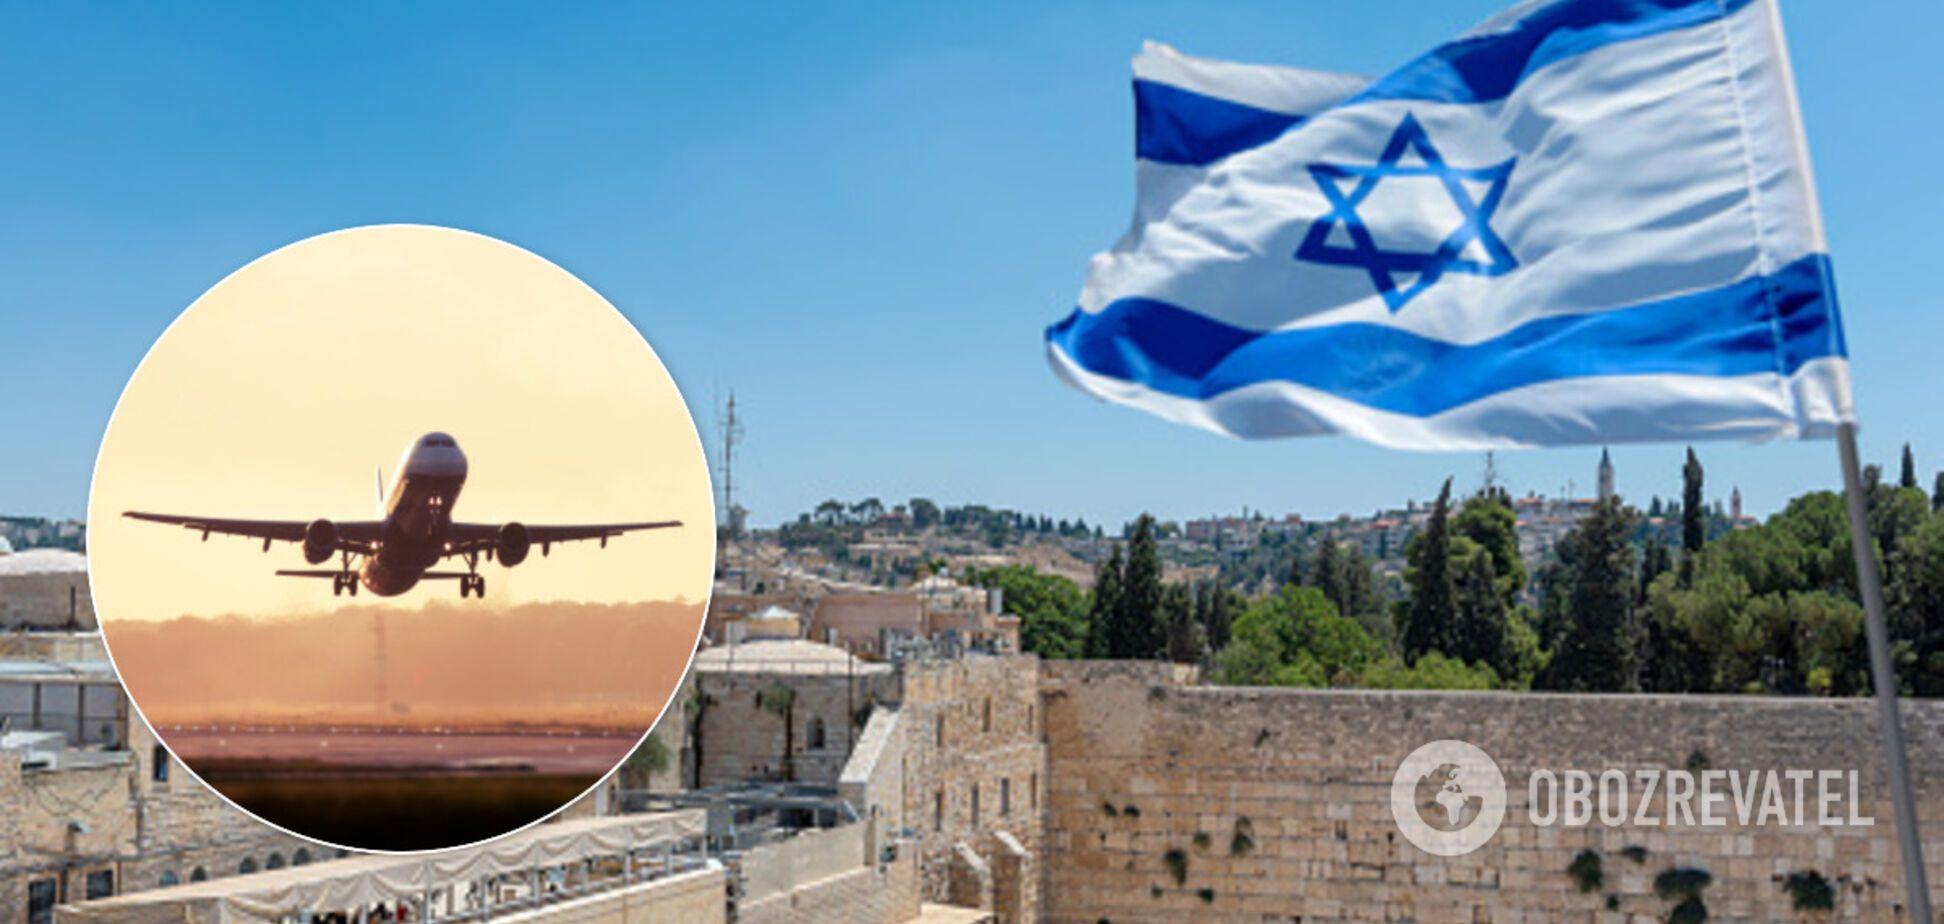 Ізраїль відкрив авіасполучення з Україною